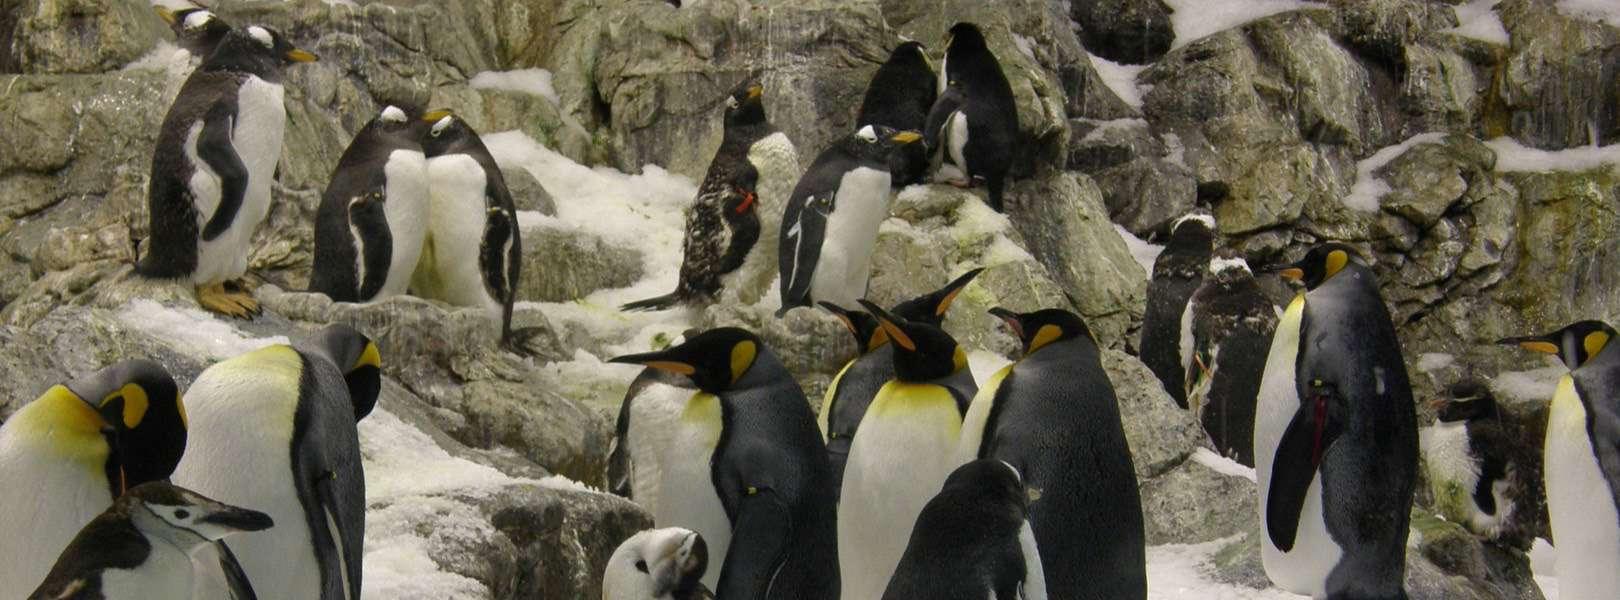 Pinguine im Loro Parque auf Teneriffa in Spanien